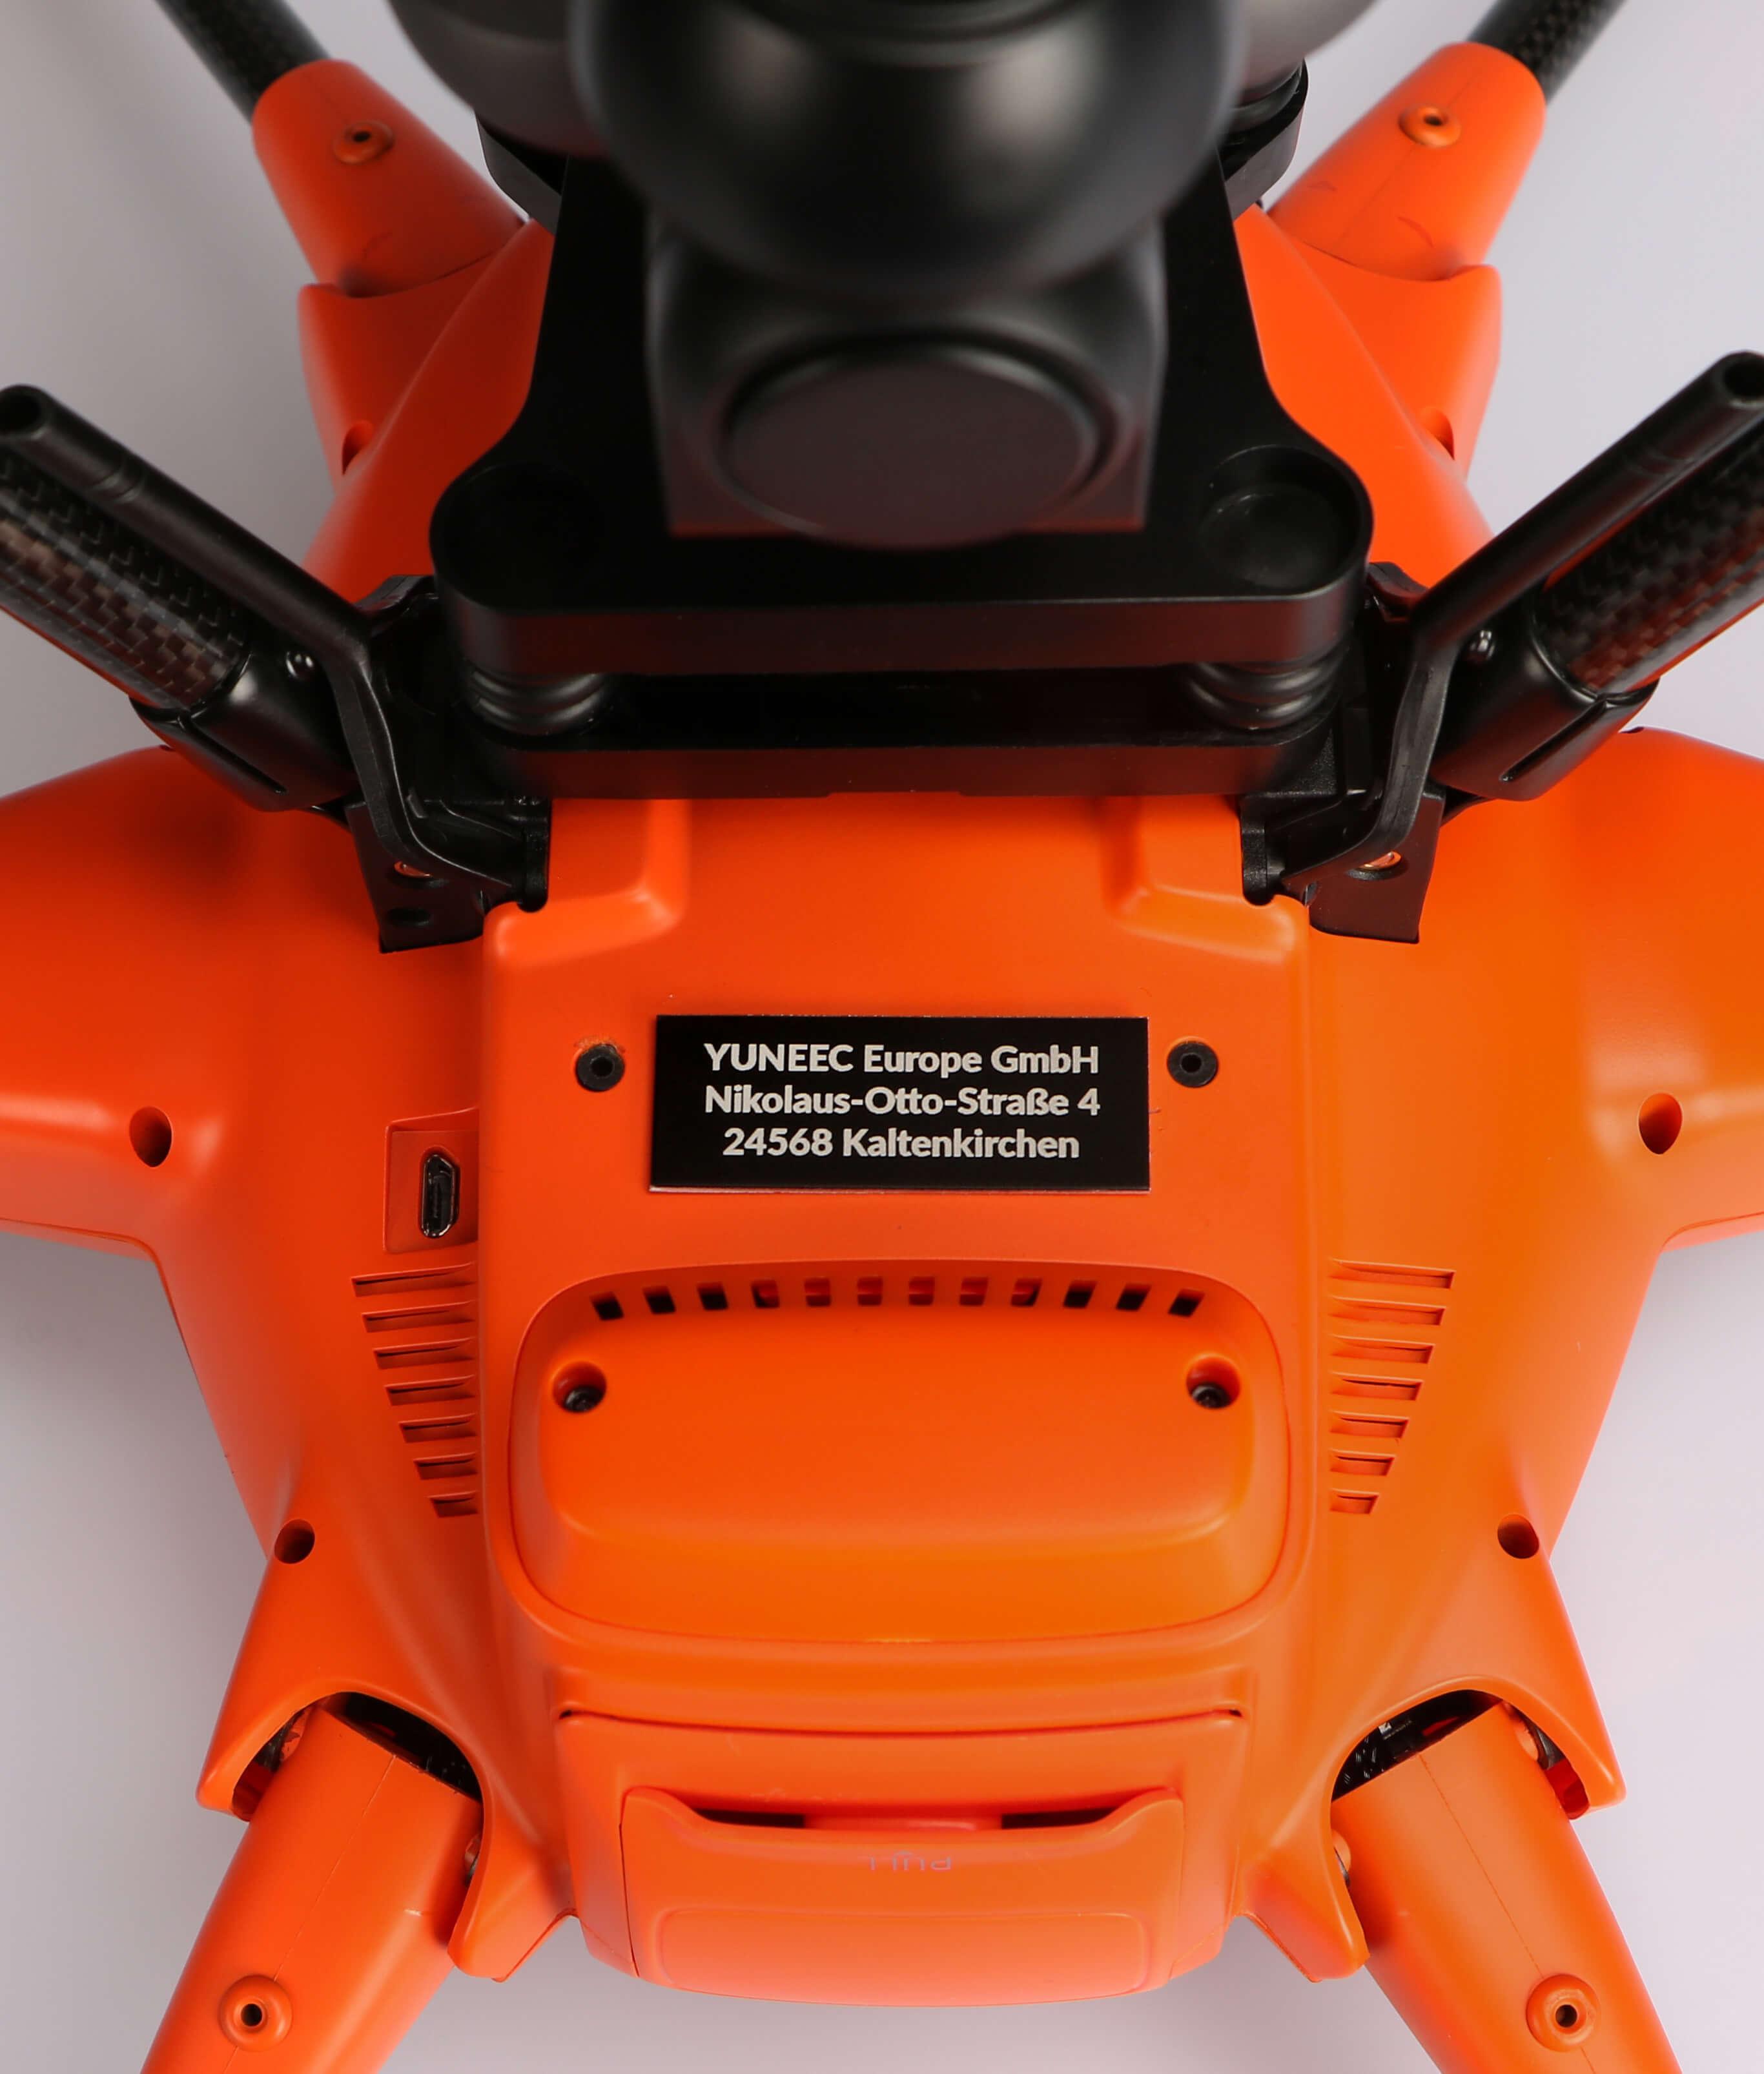 Drohnen-Kennzeichen für Yuneec H520